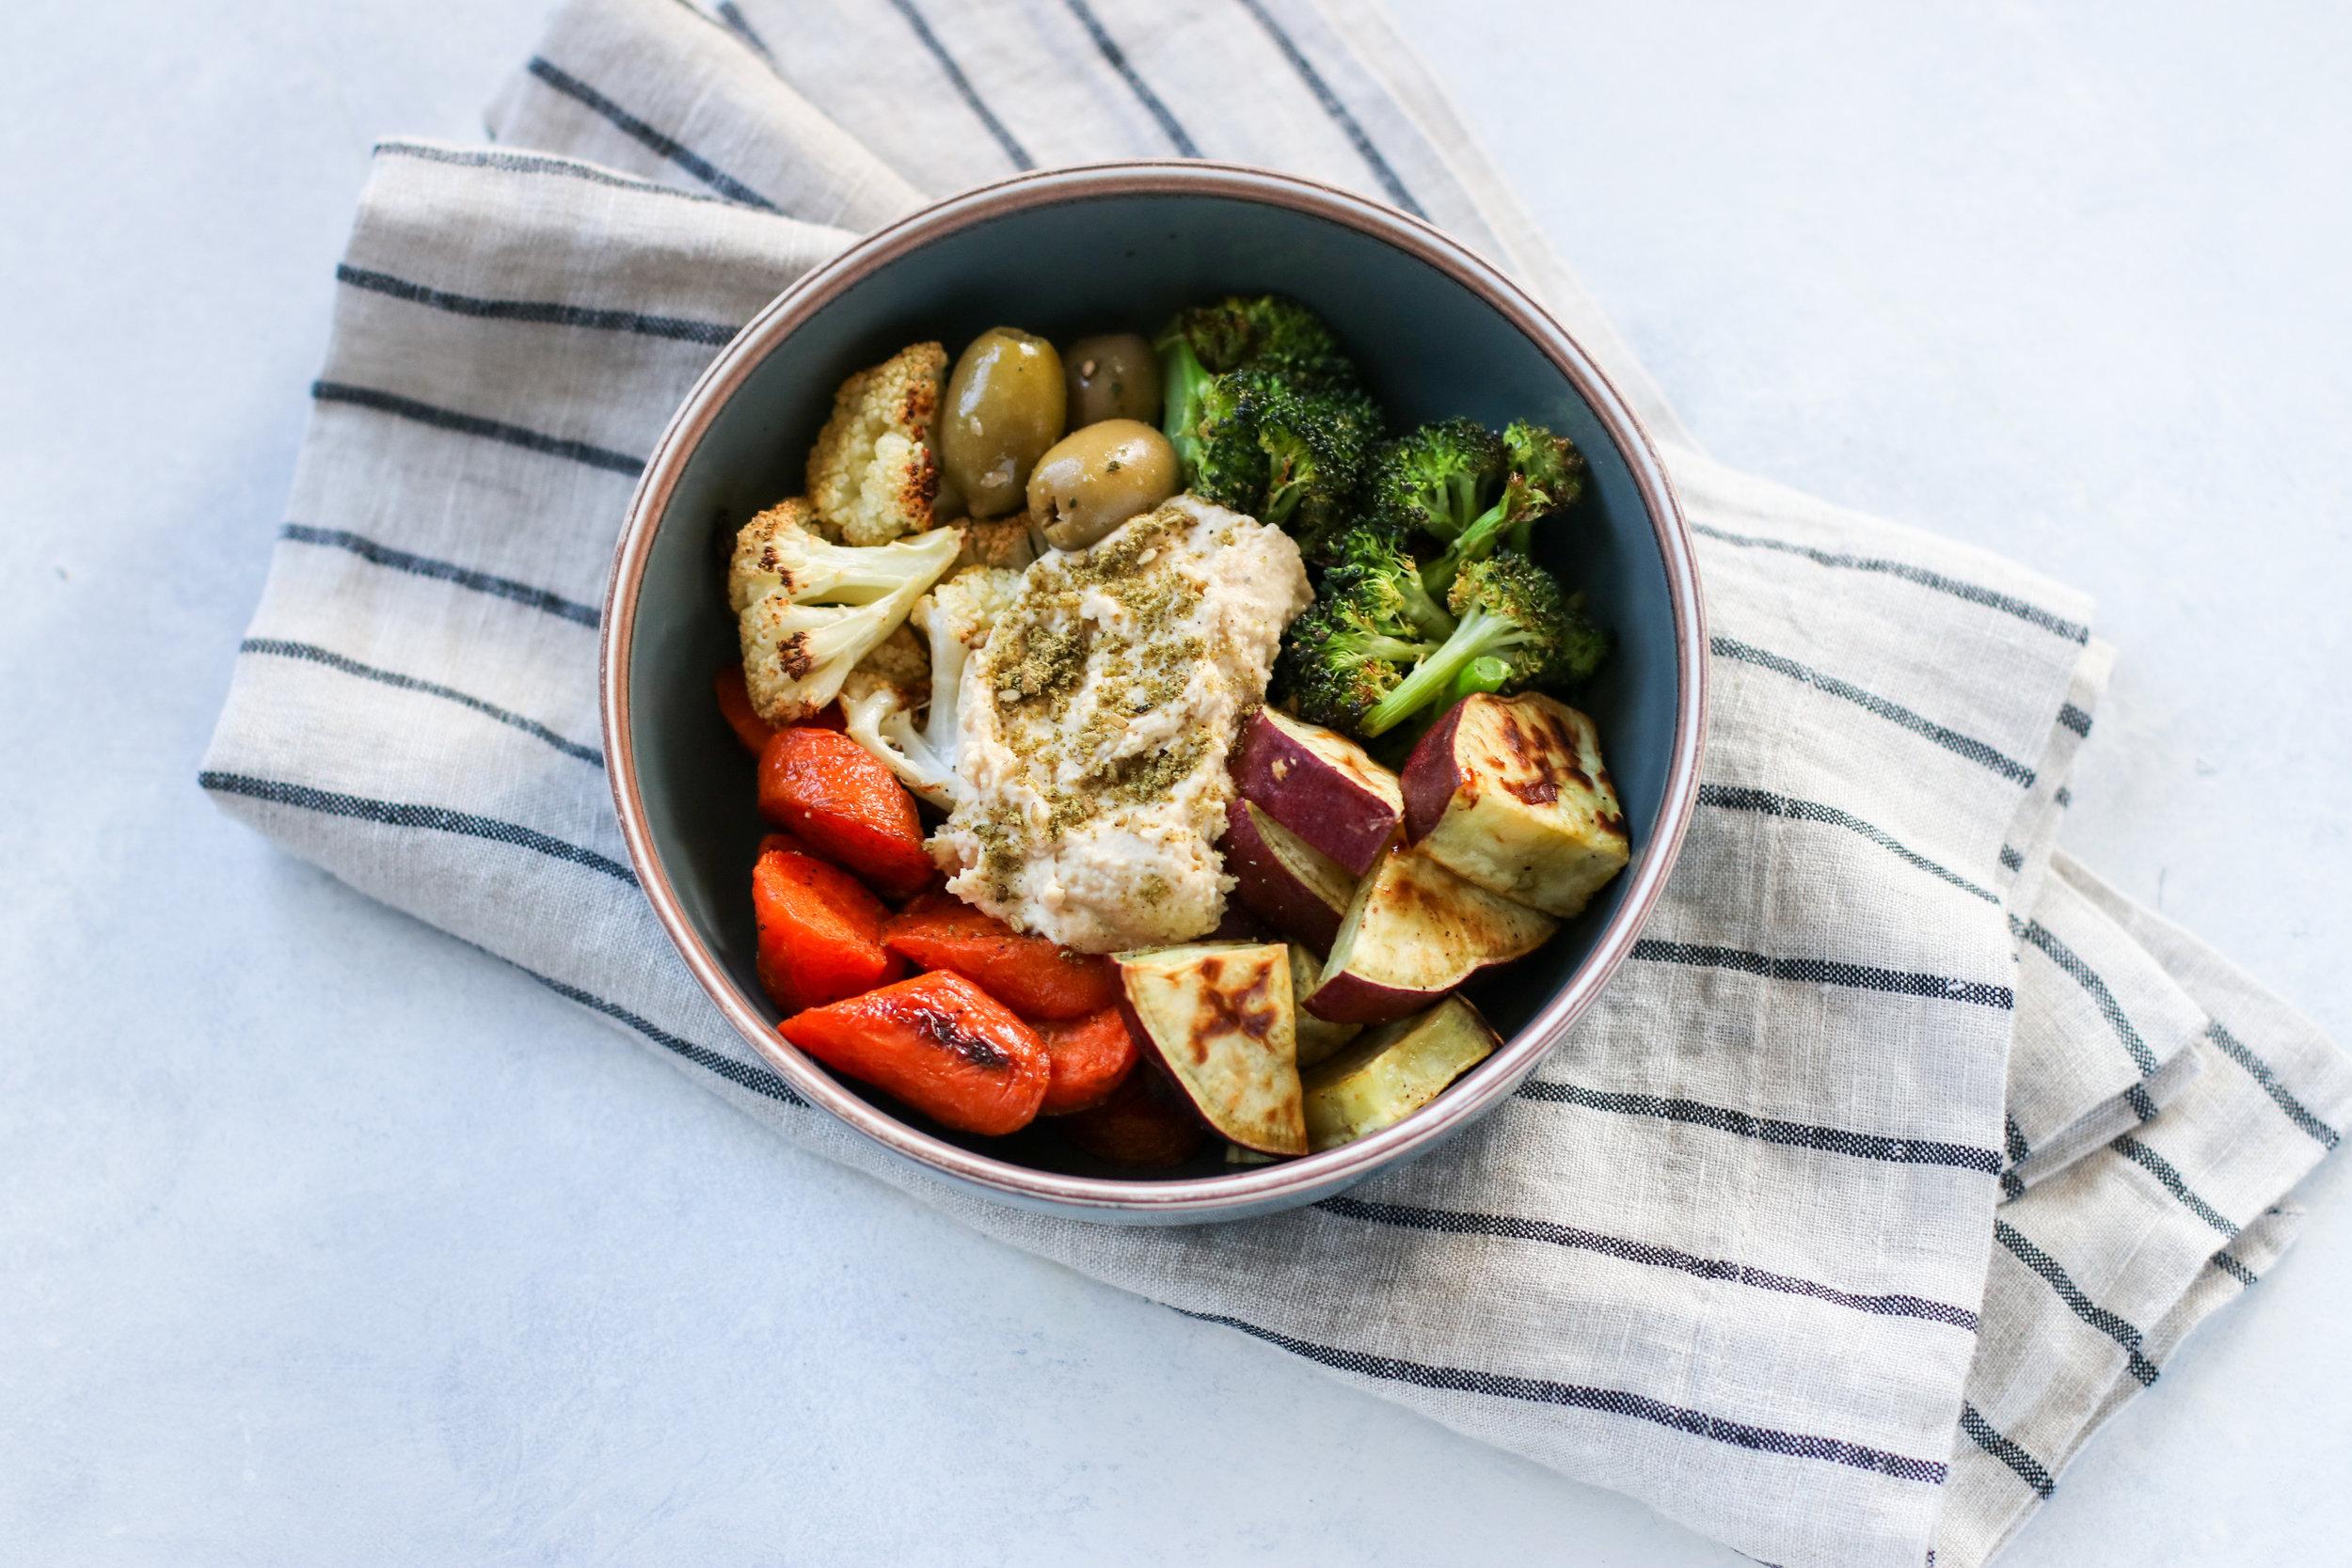 Roasted Veggies + Hummus